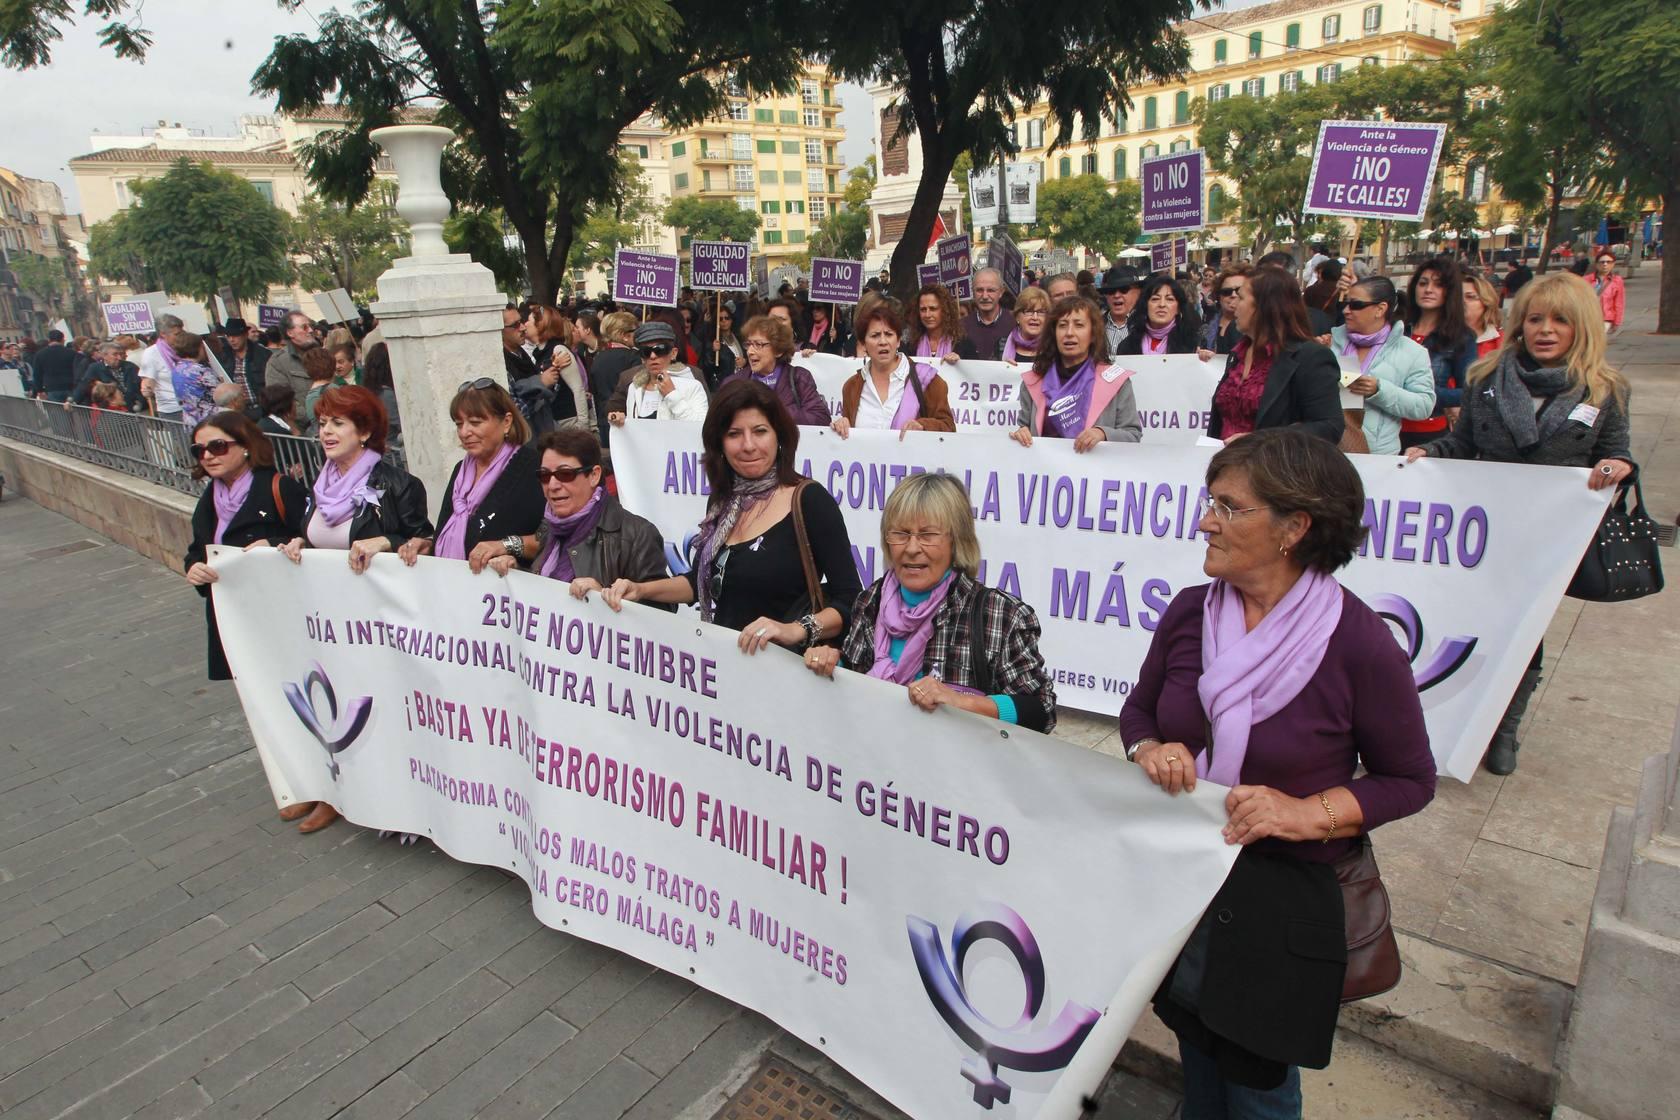 Marcha en Málaga contra la violencia de género